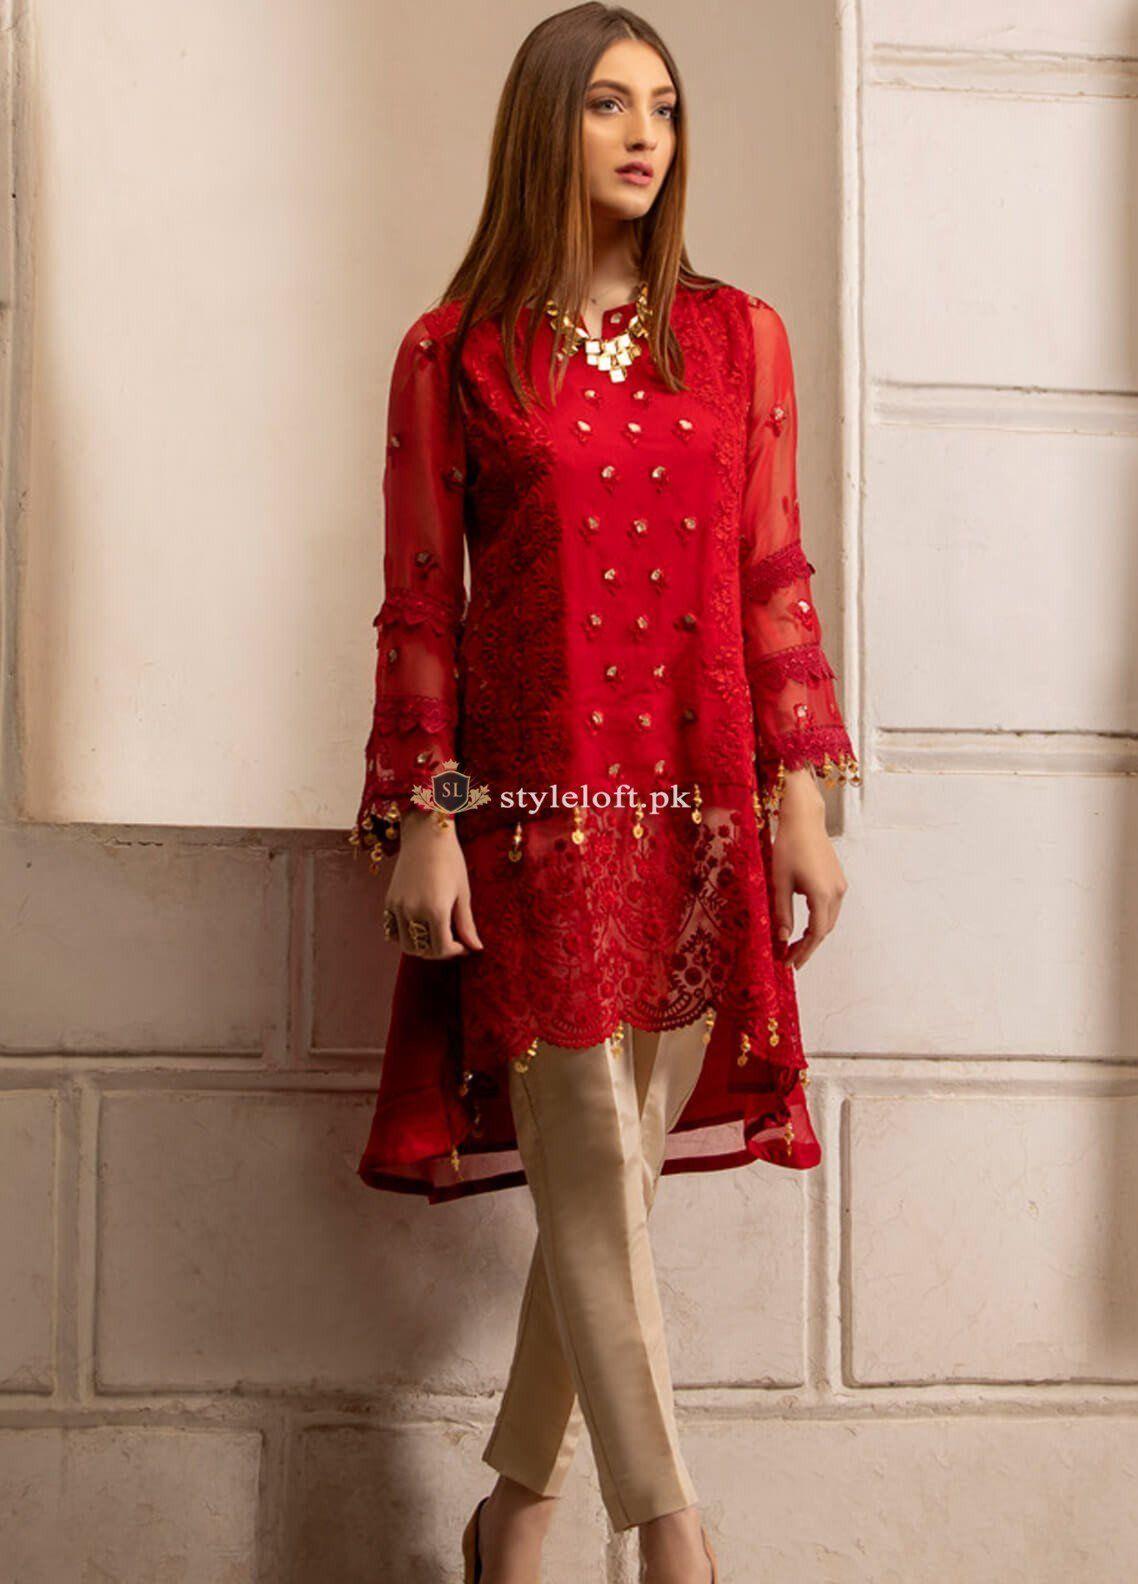 046b436089 Azure Embroidered Chiffon Unstitched Kurti-Luxury Collection #StyleLoft  #fashion2019 #womensclothing #onlineshopping